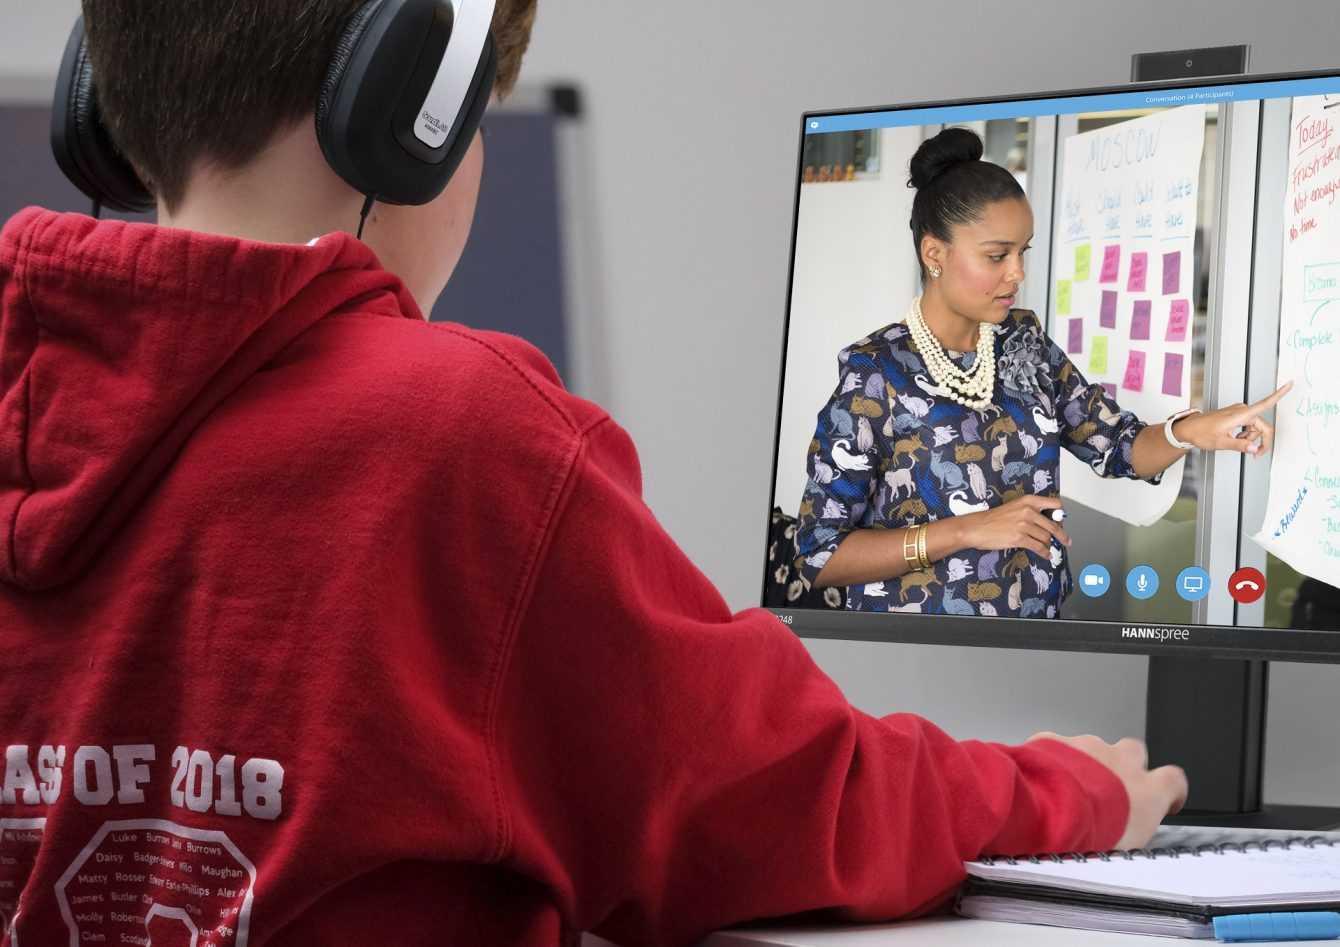 HANNspree annuncia nuovi monitor con la videocamera pop-up